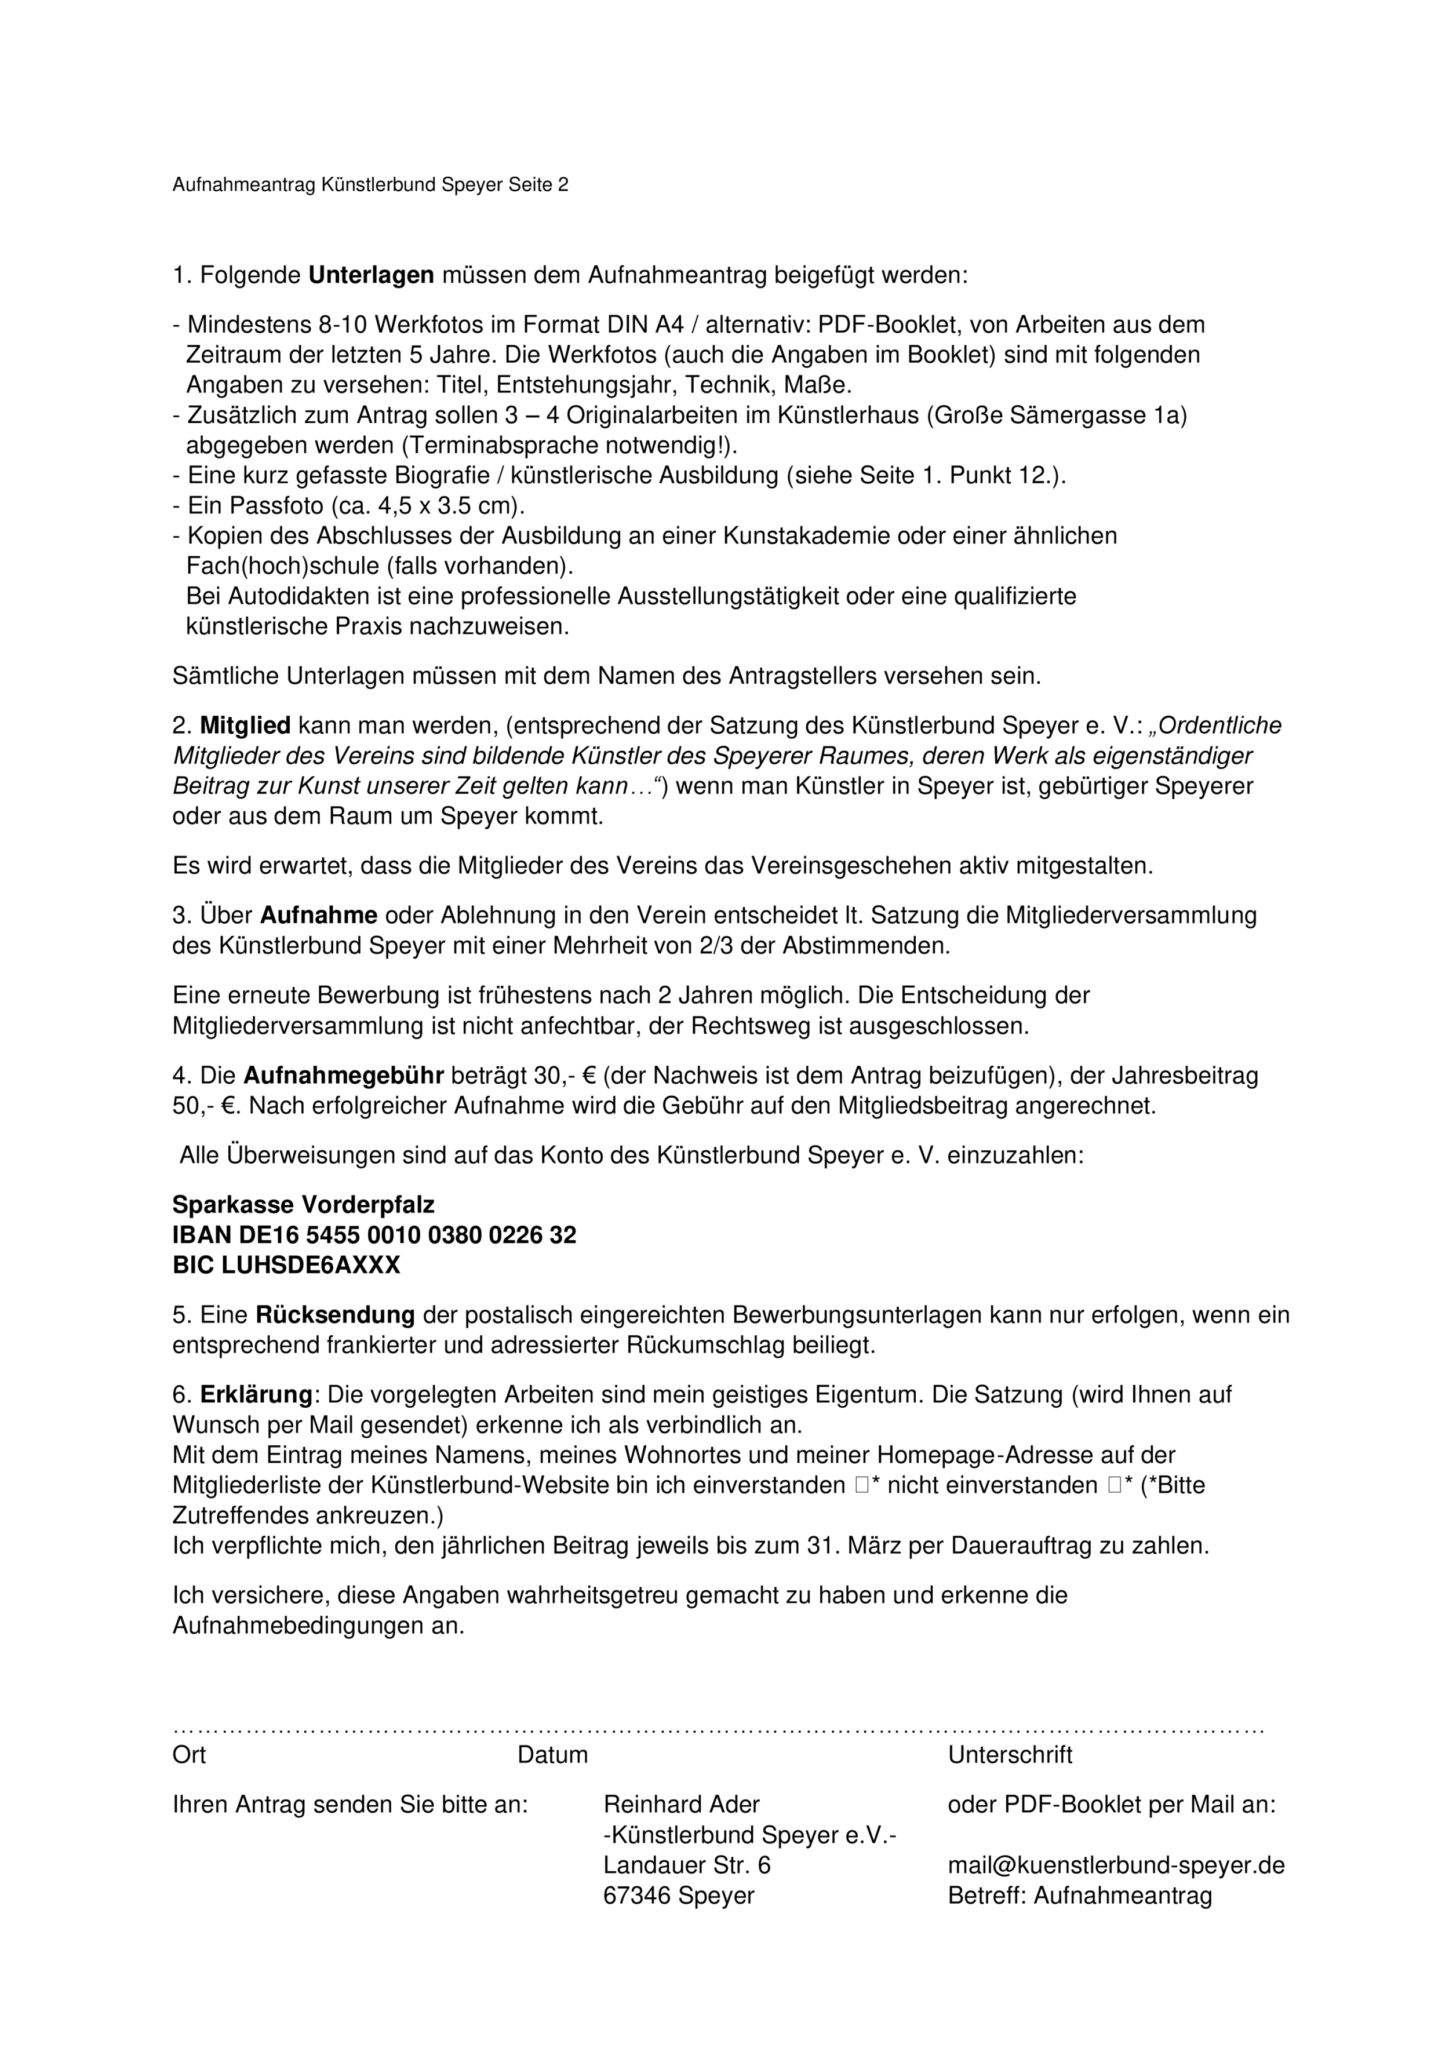 Künstlerbund Speyer Aufnahmeantrag_Seite02a